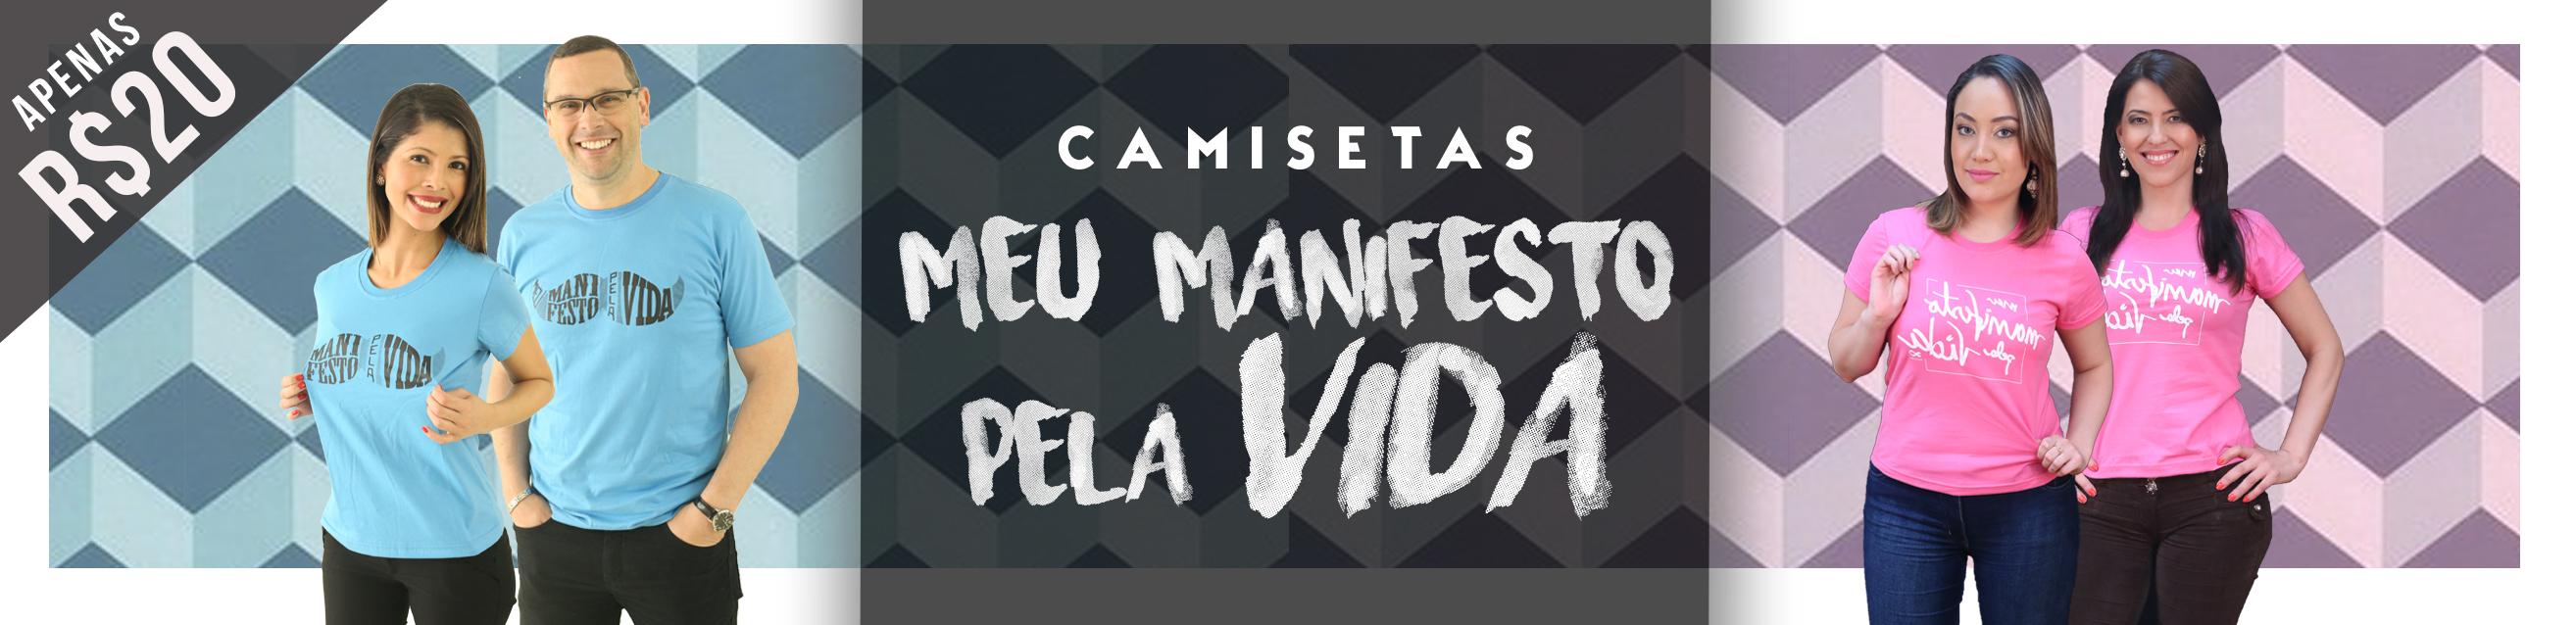 Banner_manifesto_20